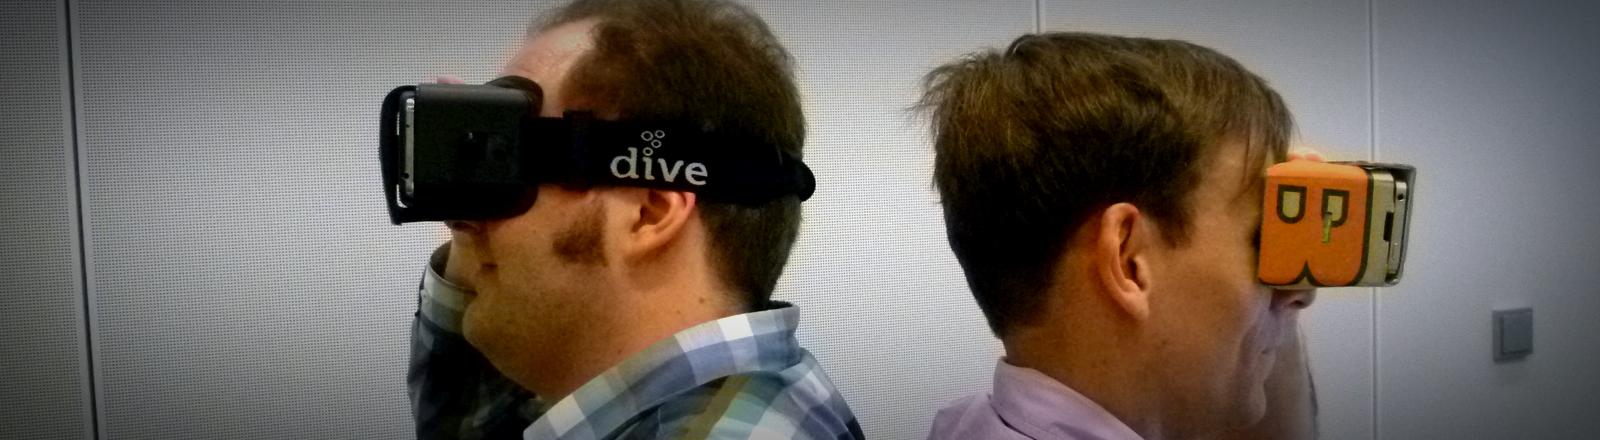 """DRadio-Wissen-Autor Michael Böddeker trägt die Virtual-Reality-Brille """"Dive"""" und Moderator Sven Preger die selbstgebastelte Google Cardboard-Brille."""